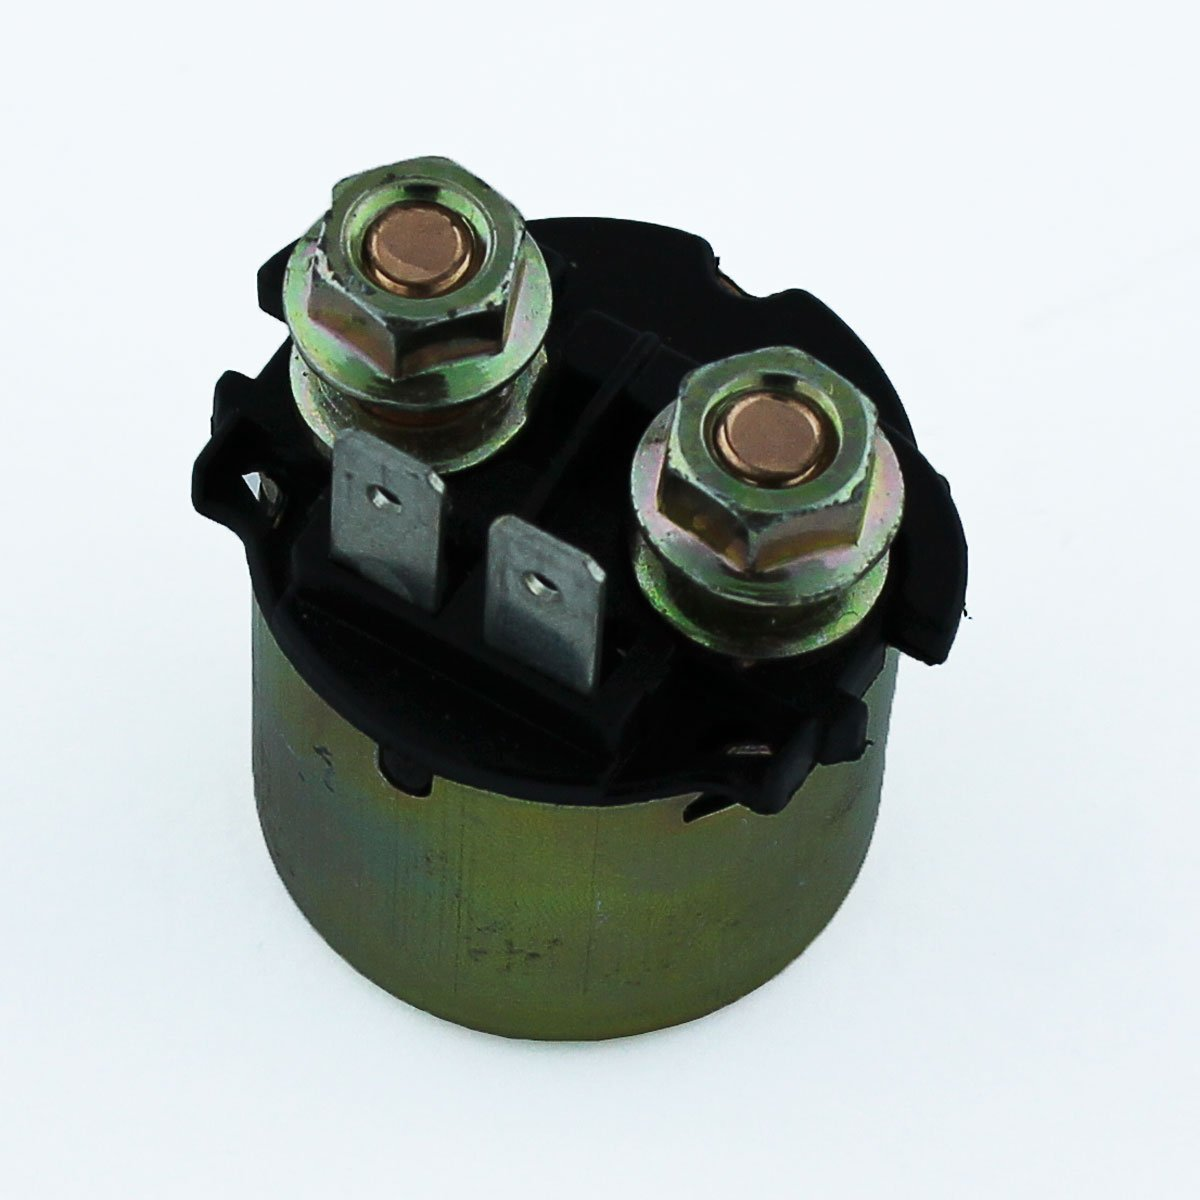 612umrCN%2BEL._SL1200_ amazon com caltric starter solenoid relay fits kawasaki brute Kawasaki Motorcycle Wiring Diagrams at crackthecode.co